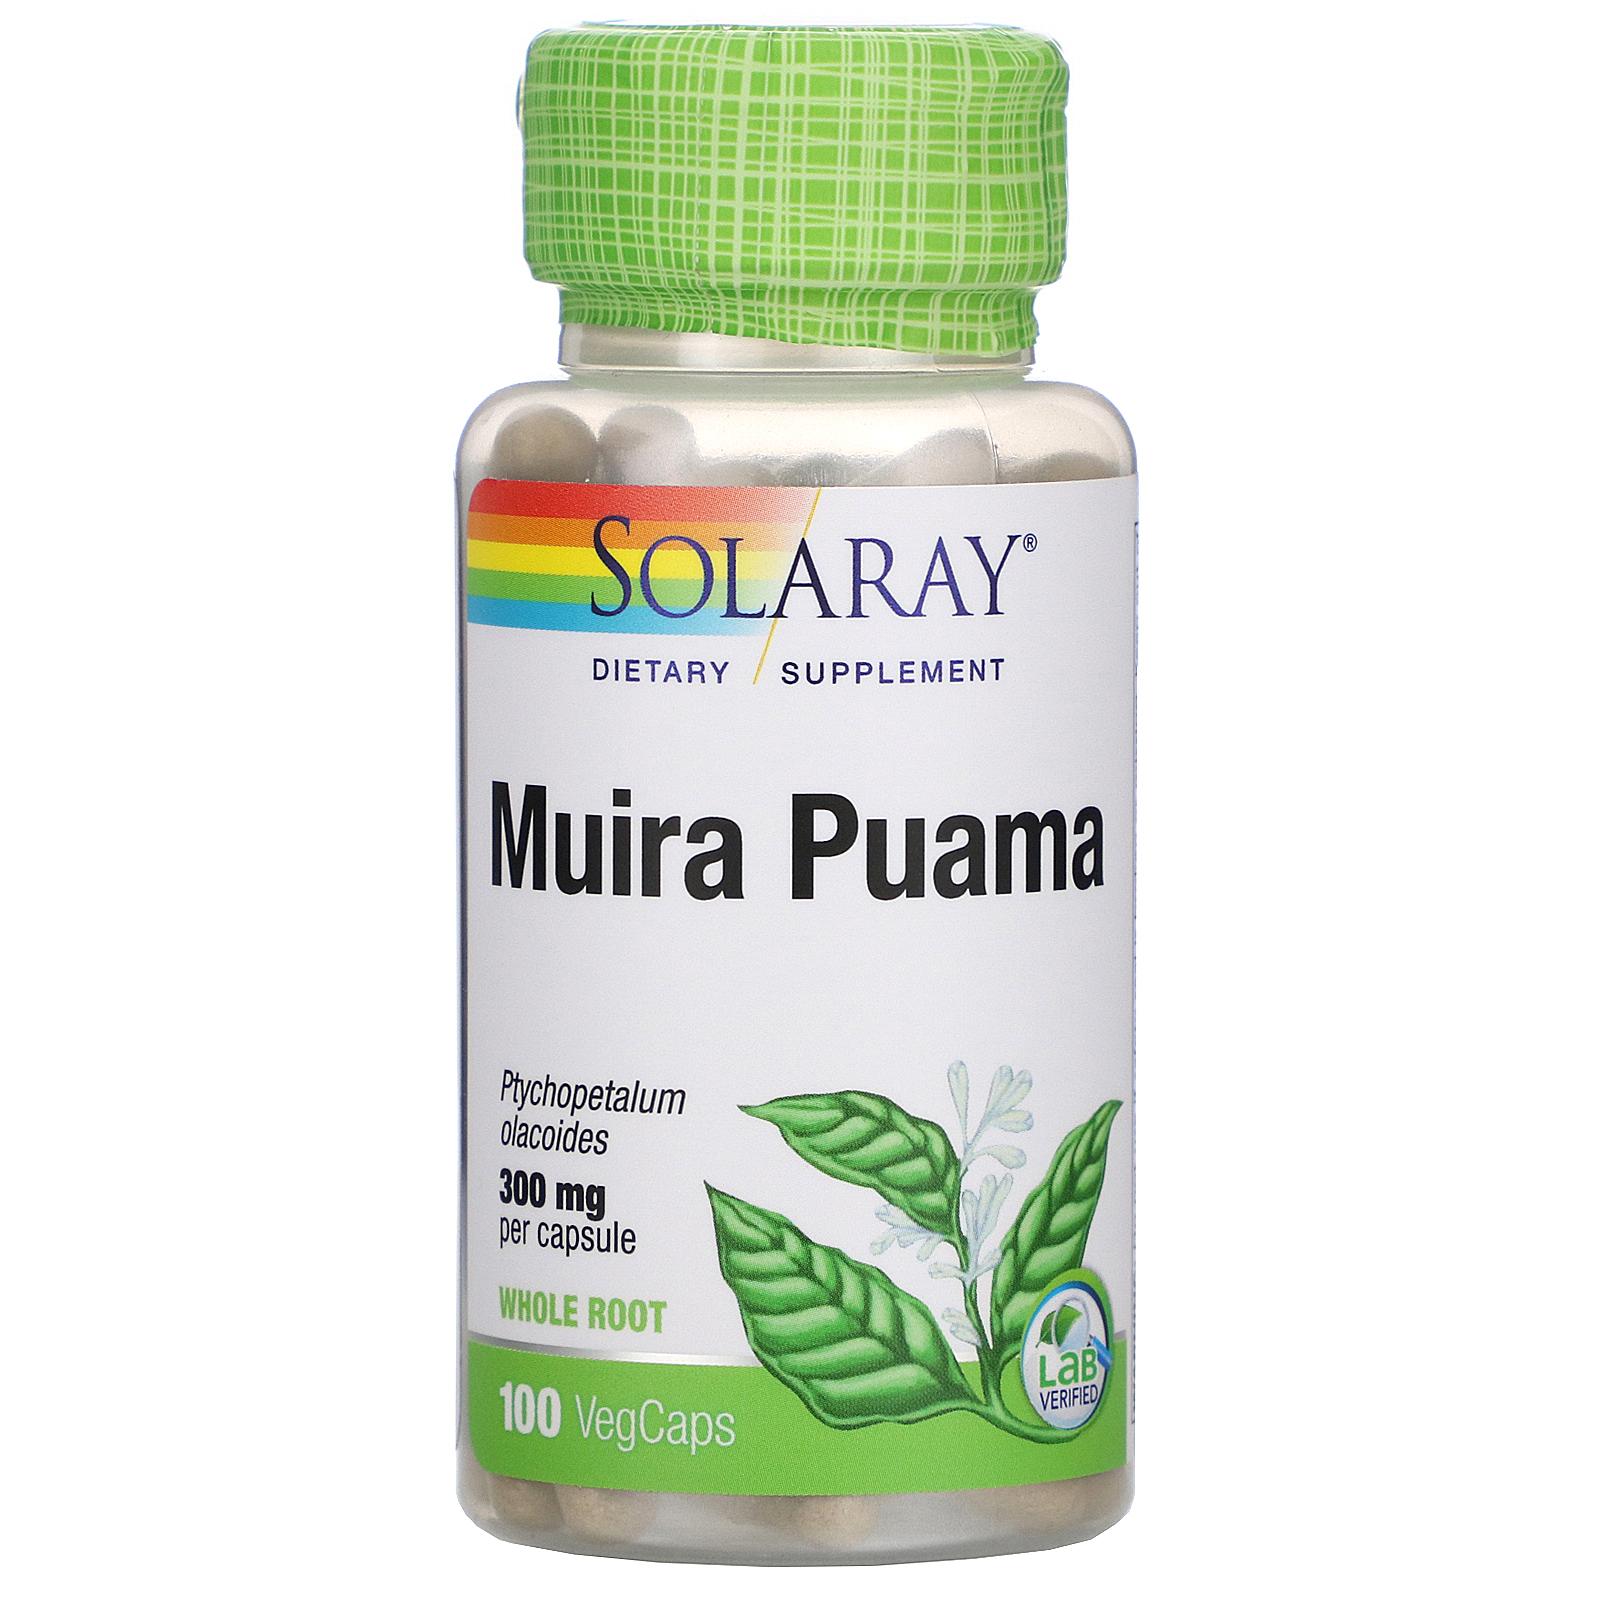 Solaray, Muira Puama, 300 mg, 100 VegCaps - iHerb